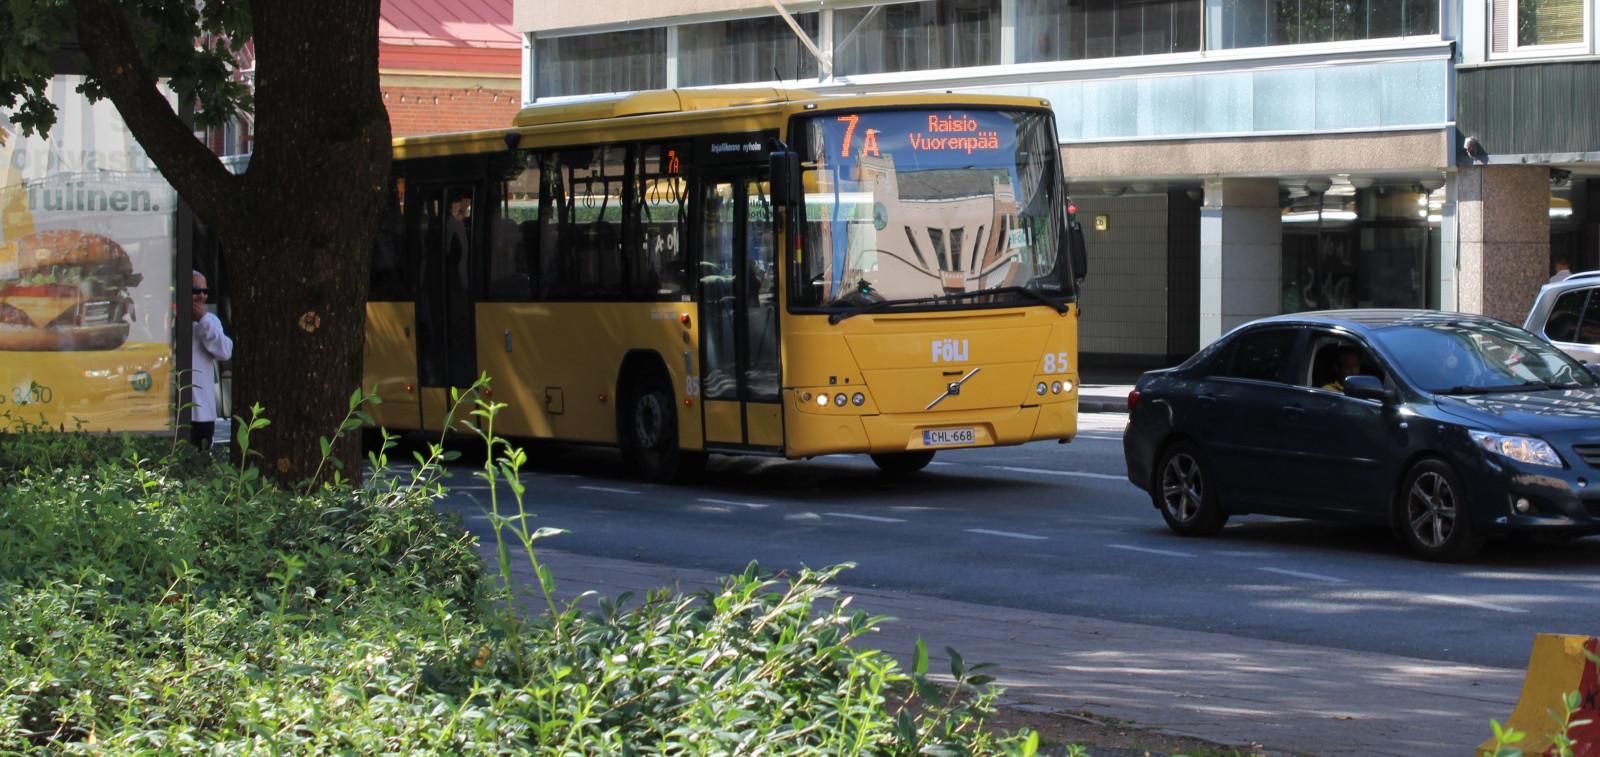 Fölin bussi liikenteessä kesällä